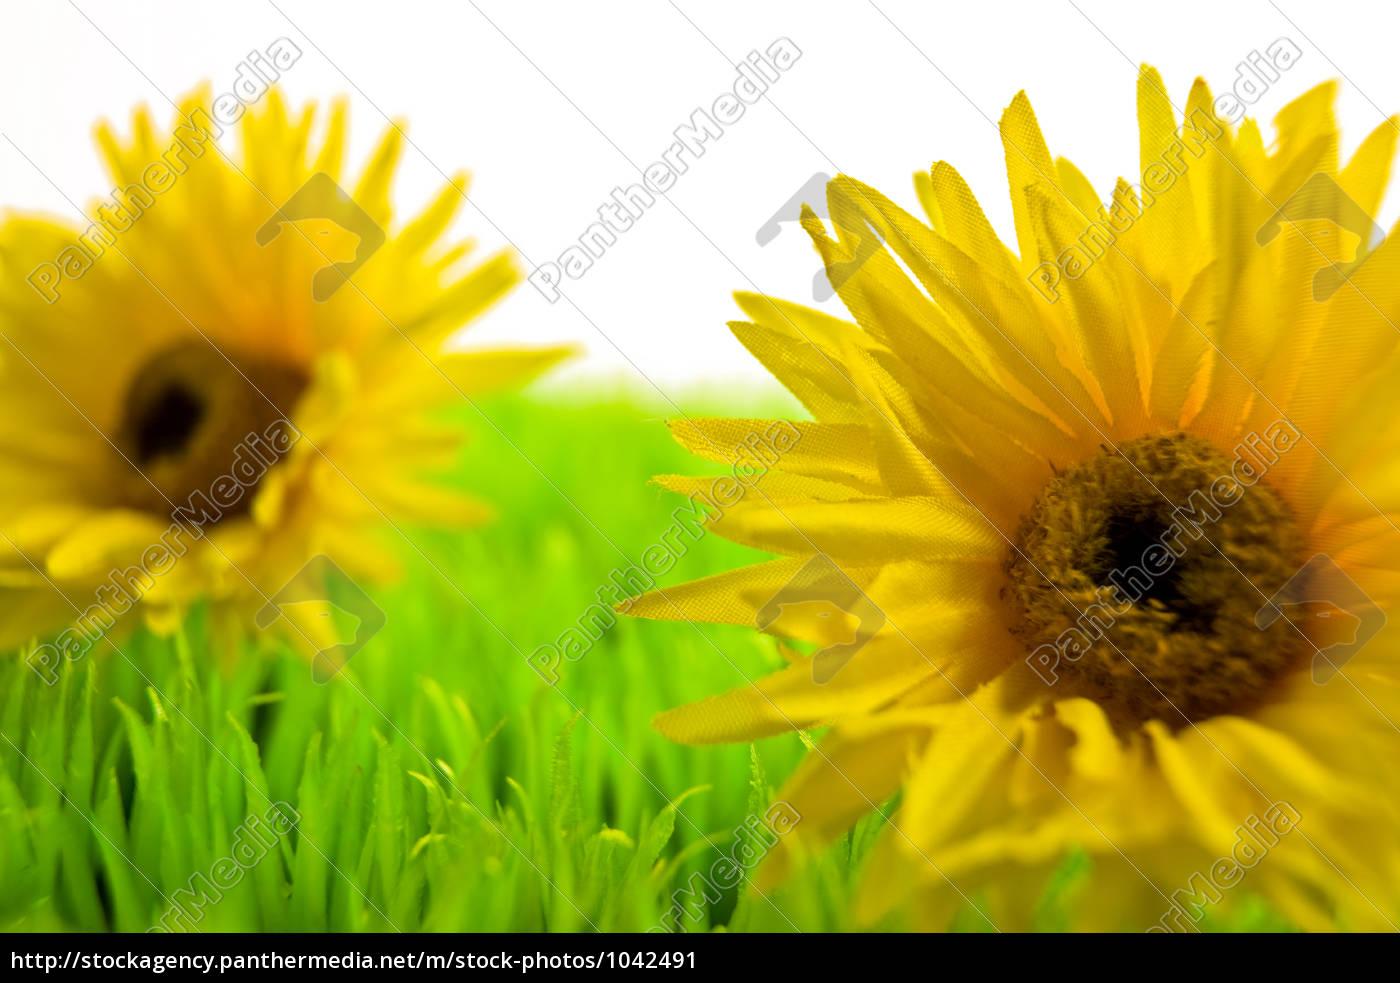 flower, meadow - 1042491